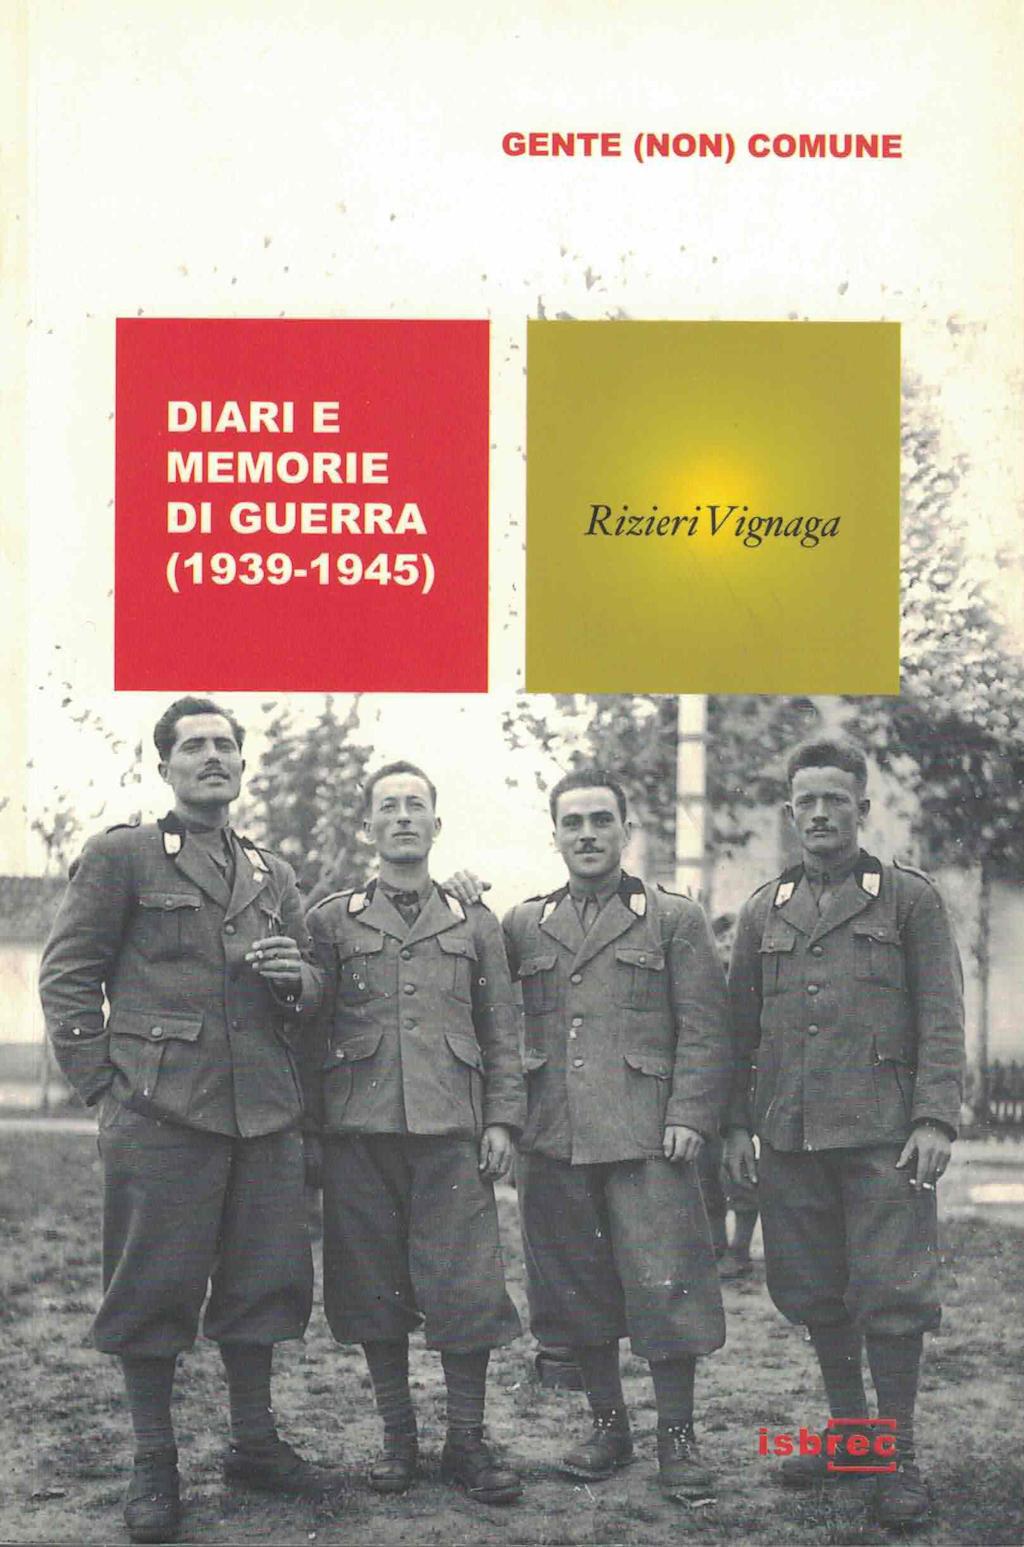 Diari e memorie di guerra